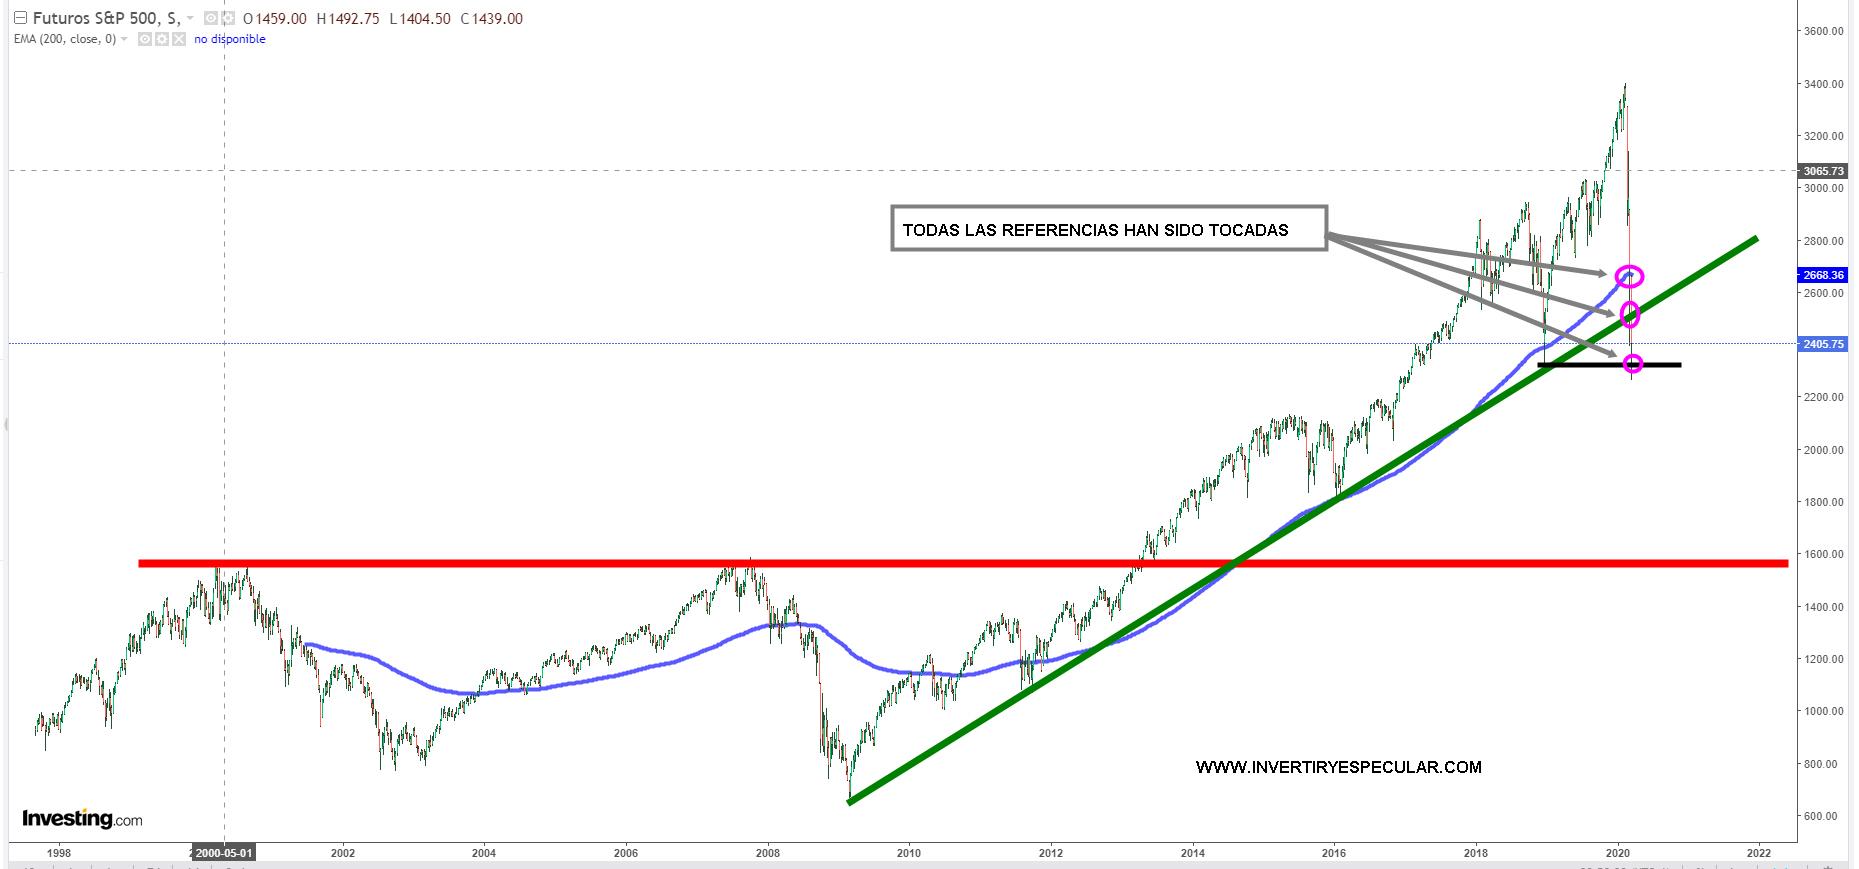 Precio, volatilidad y sentimiento a cierre de mercado de ayer